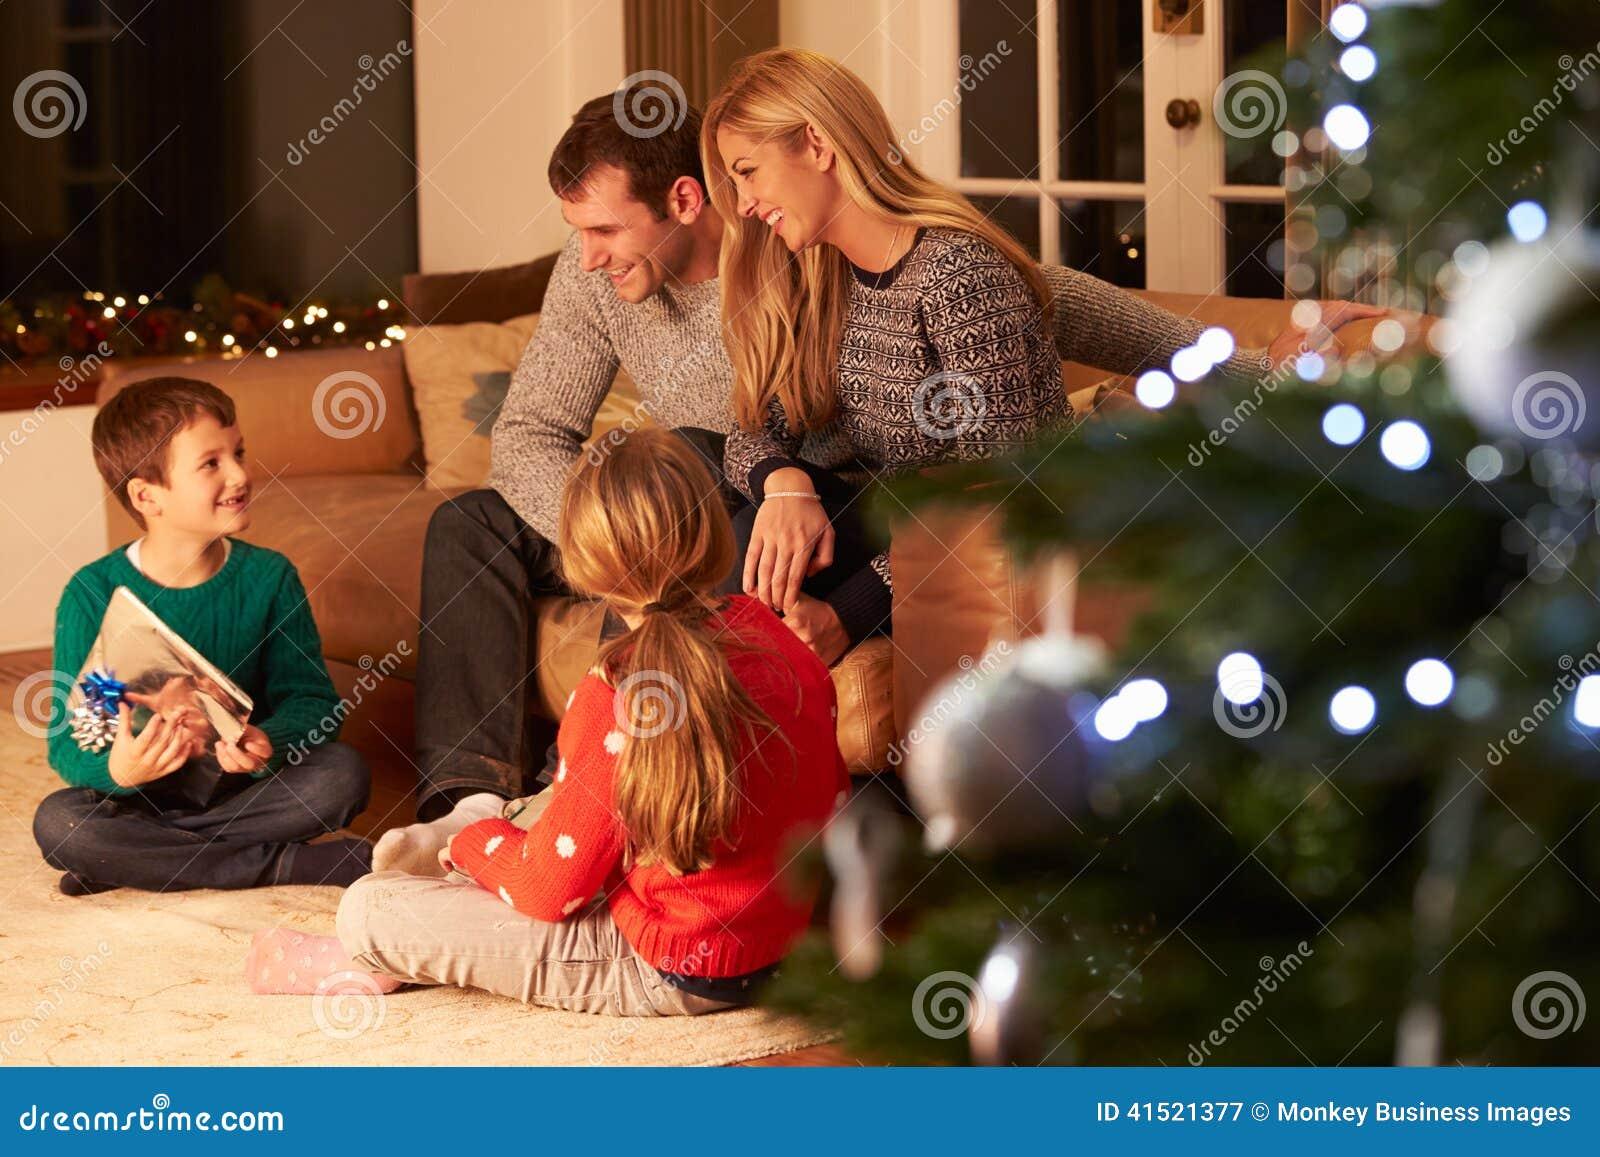 Семья обменивая подарки рождественской елкой